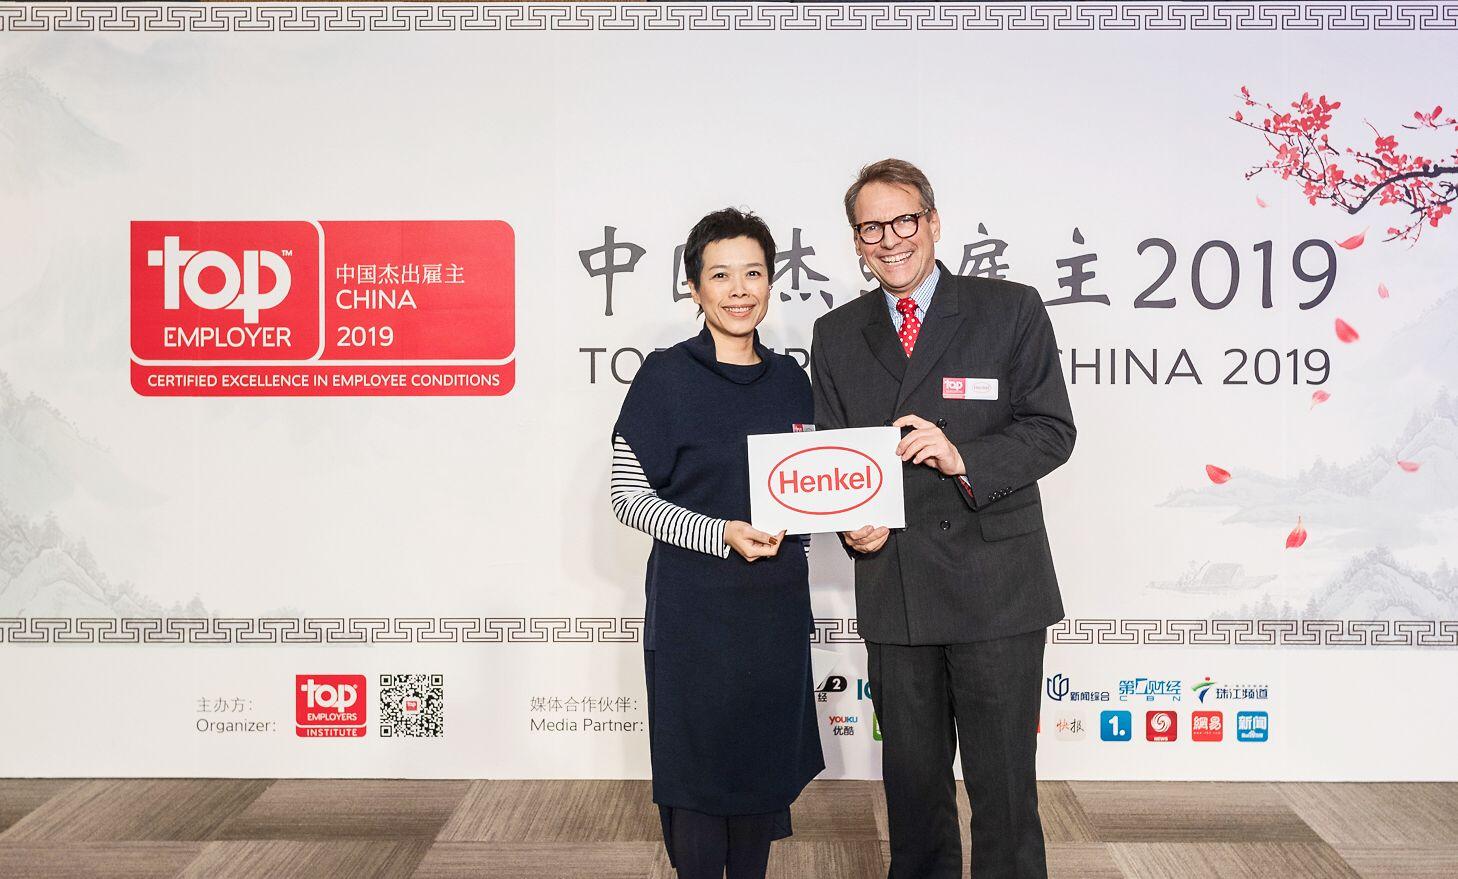 汉高大中华区总裁贺杰睿先生(右)与汉高亚太区人力资源副总裁倪韵仪女士(左)在颁奖典礼上